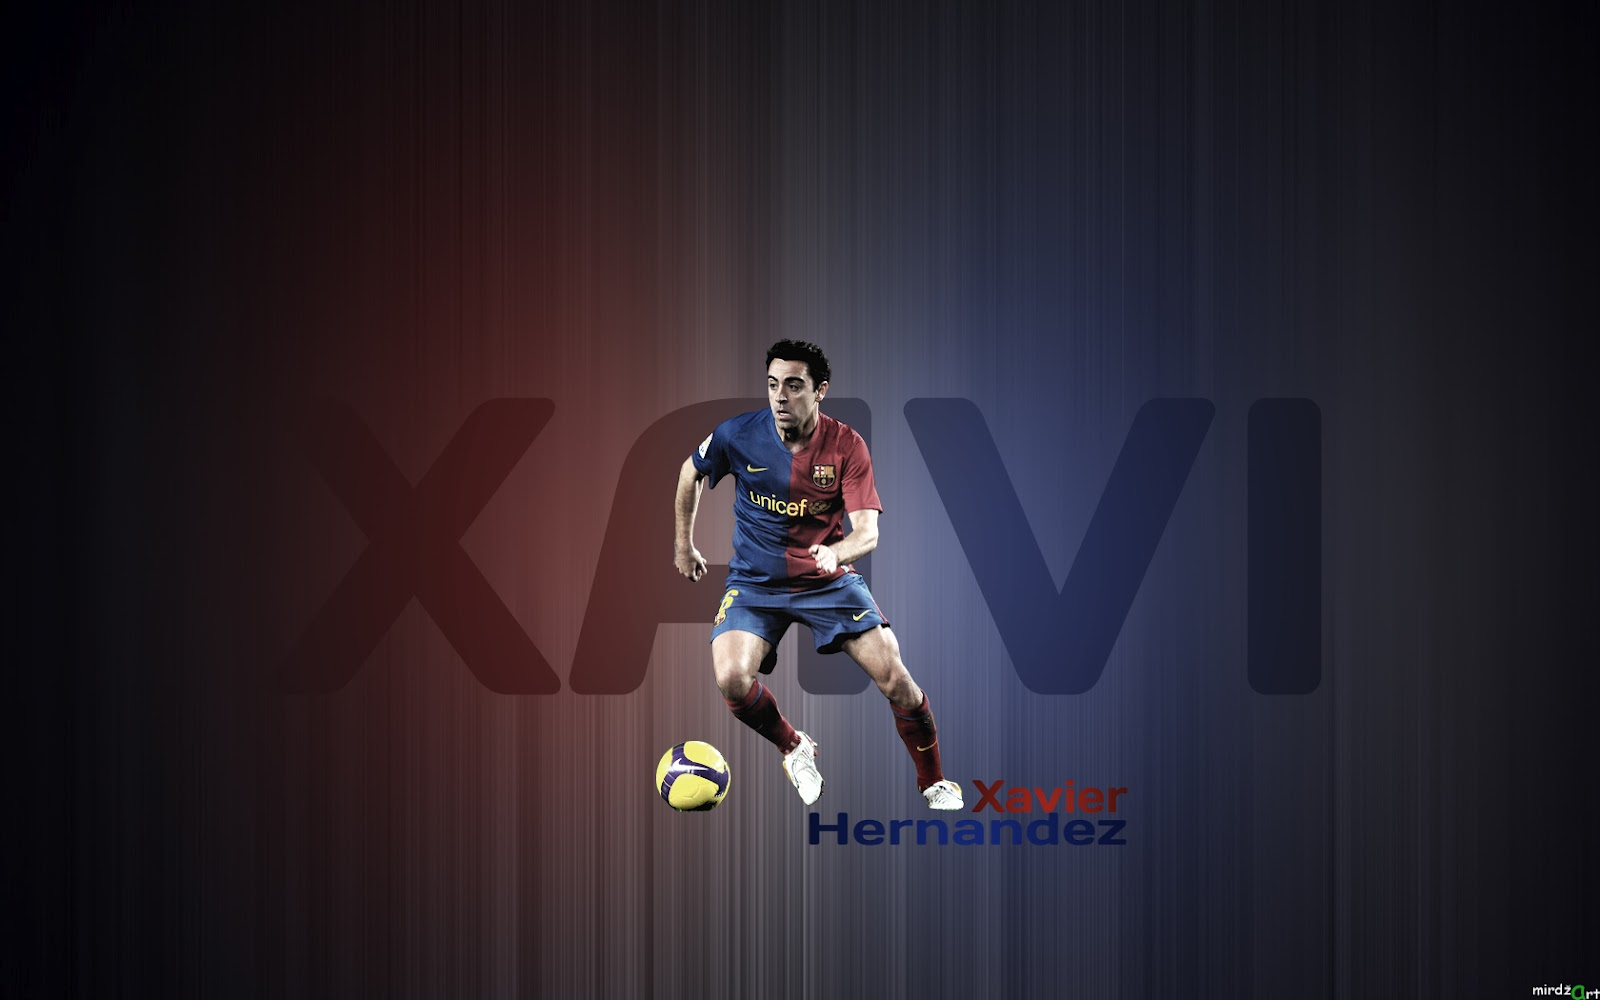 Xavi Hernandez Wallpaper 2012 1600x1000